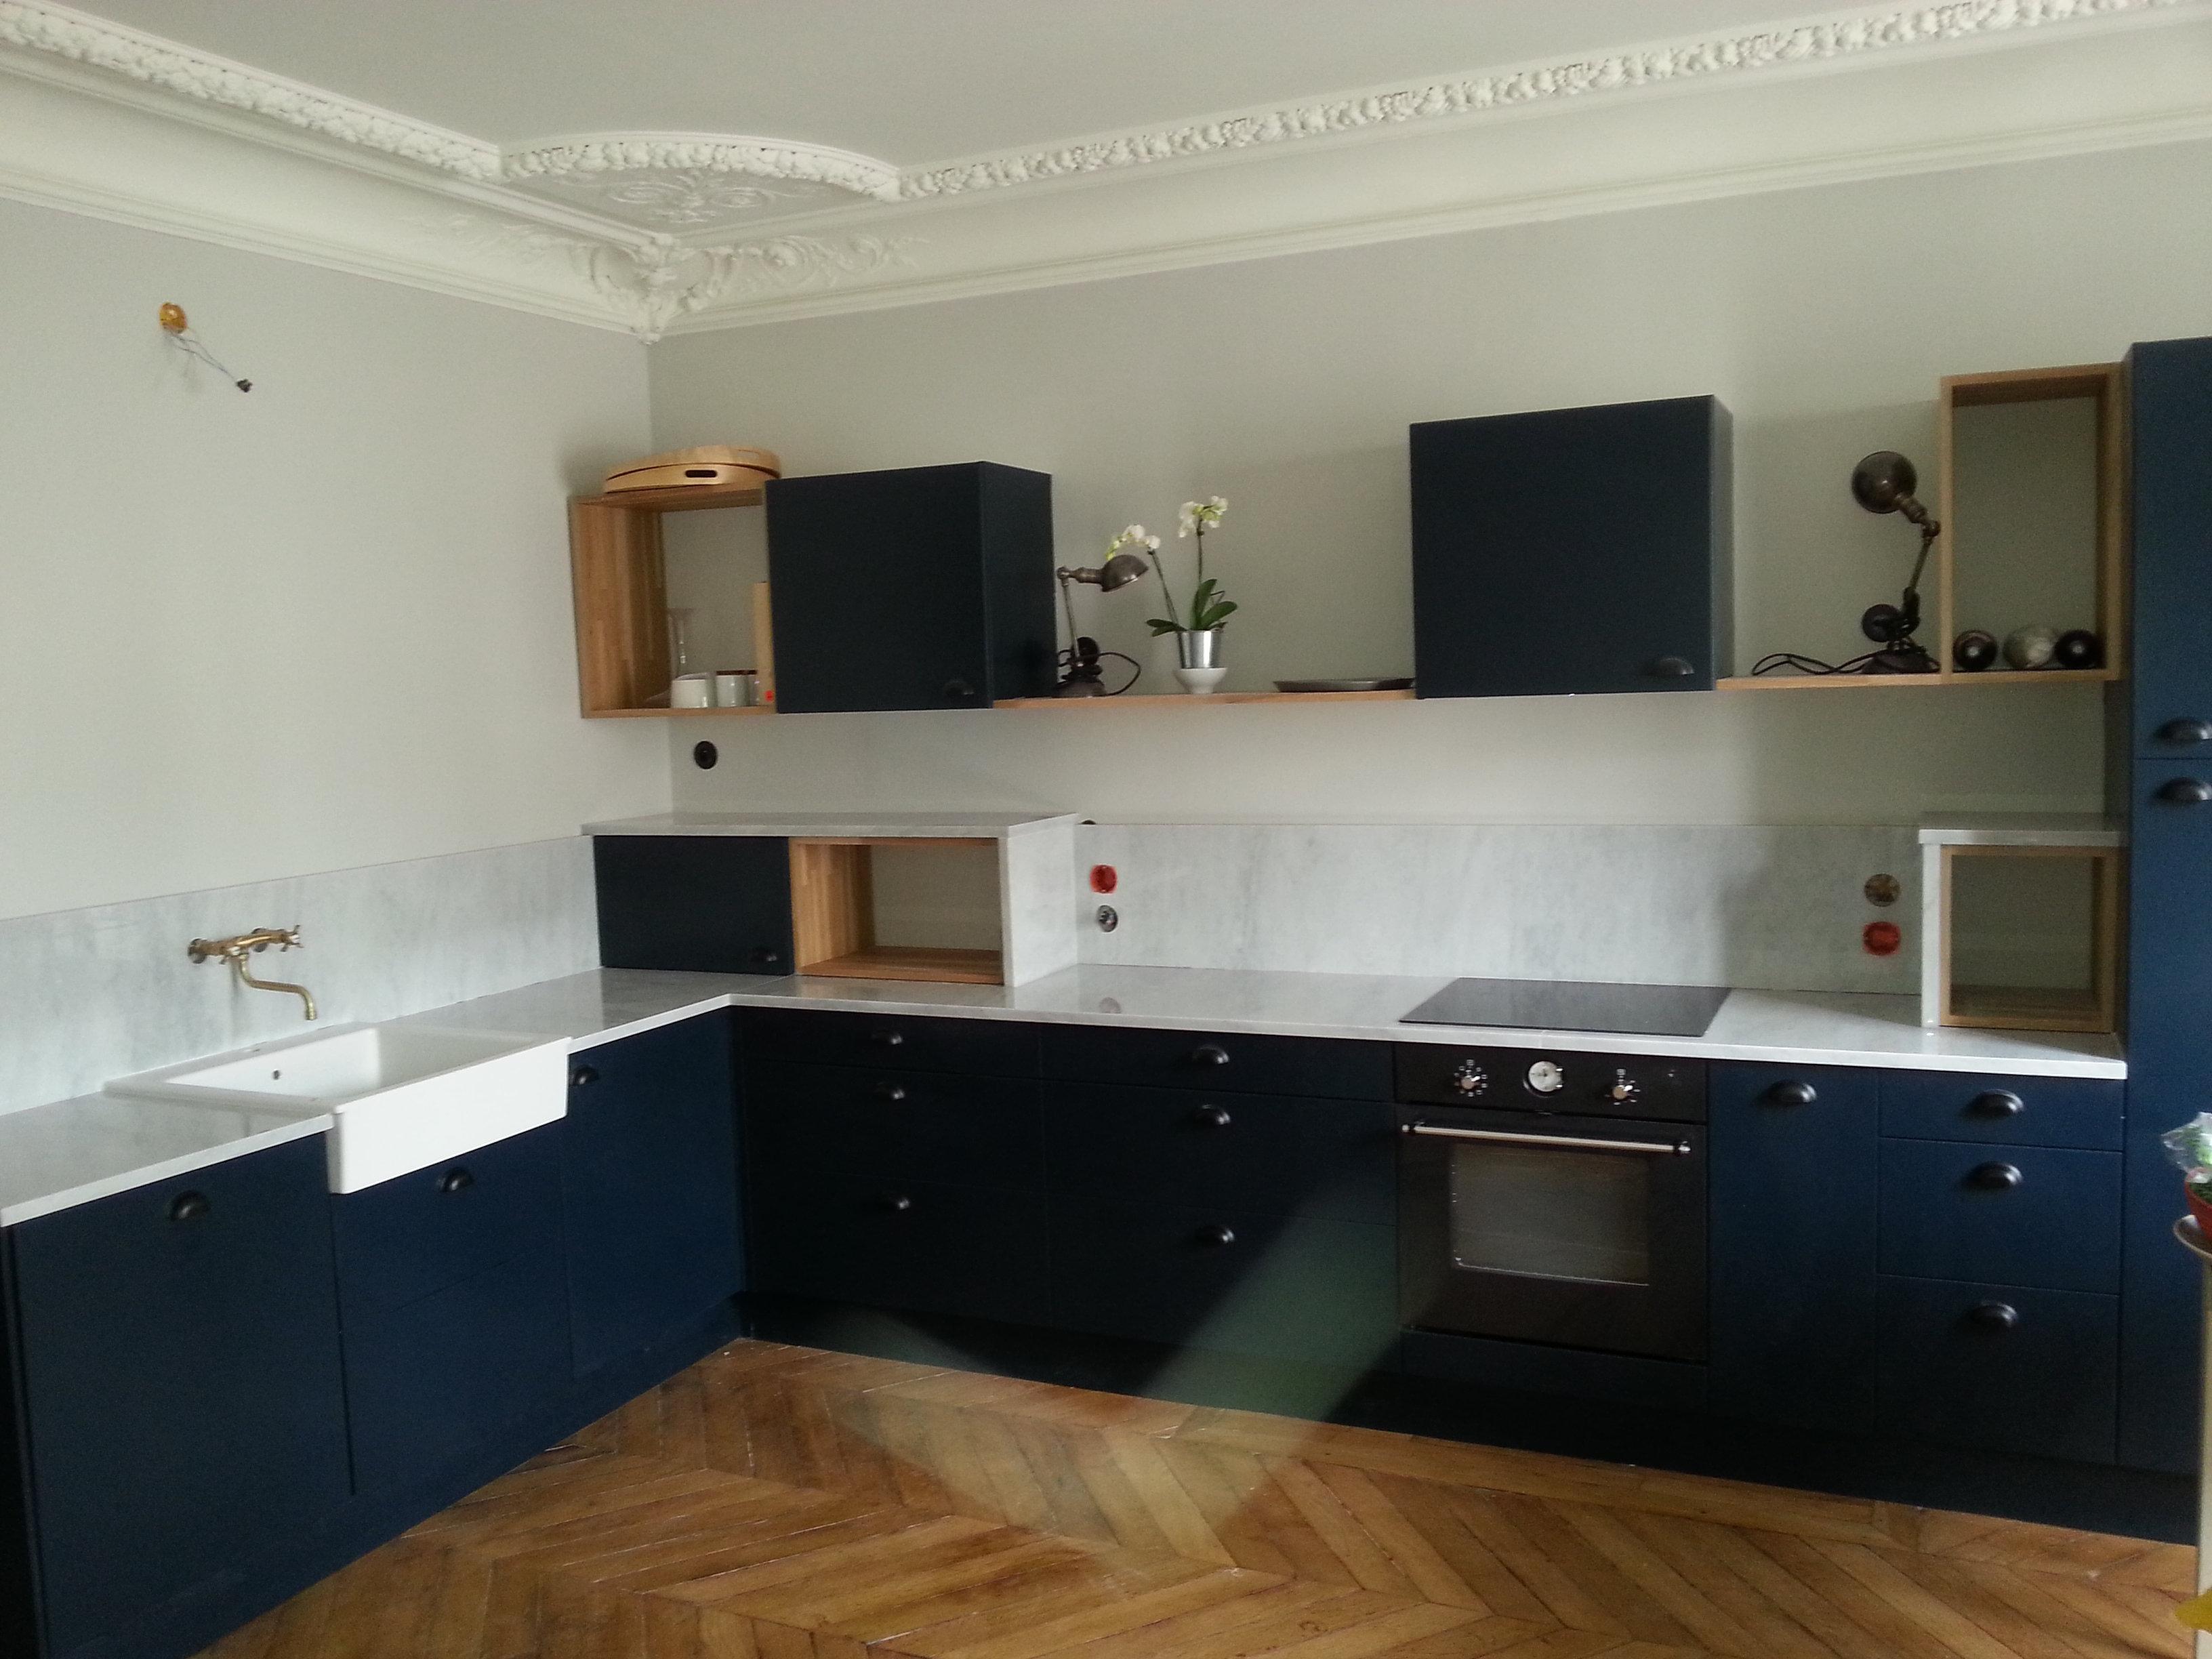 devis plan de travail com paris granit quartz marbre plan de travail cuisine marbre. Black Bedroom Furniture Sets. Home Design Ideas